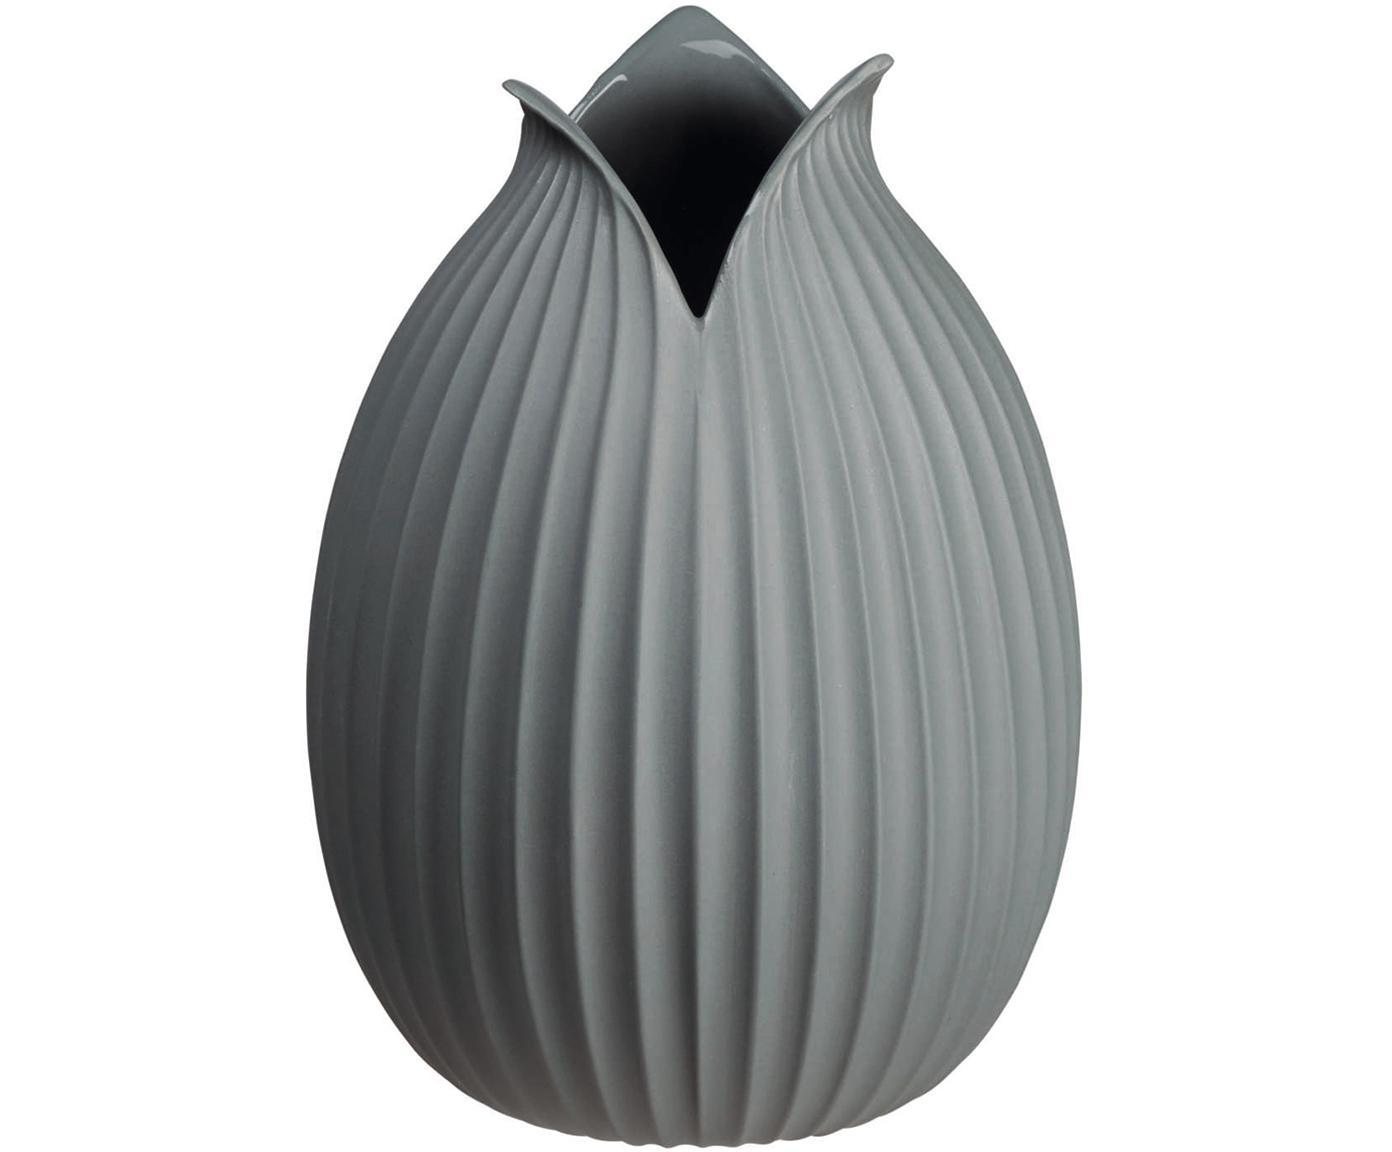 Vaso in porcellana fatto a mano Yoko, Porcellana, Grigio, Ø 15 x Alt. 22 cm